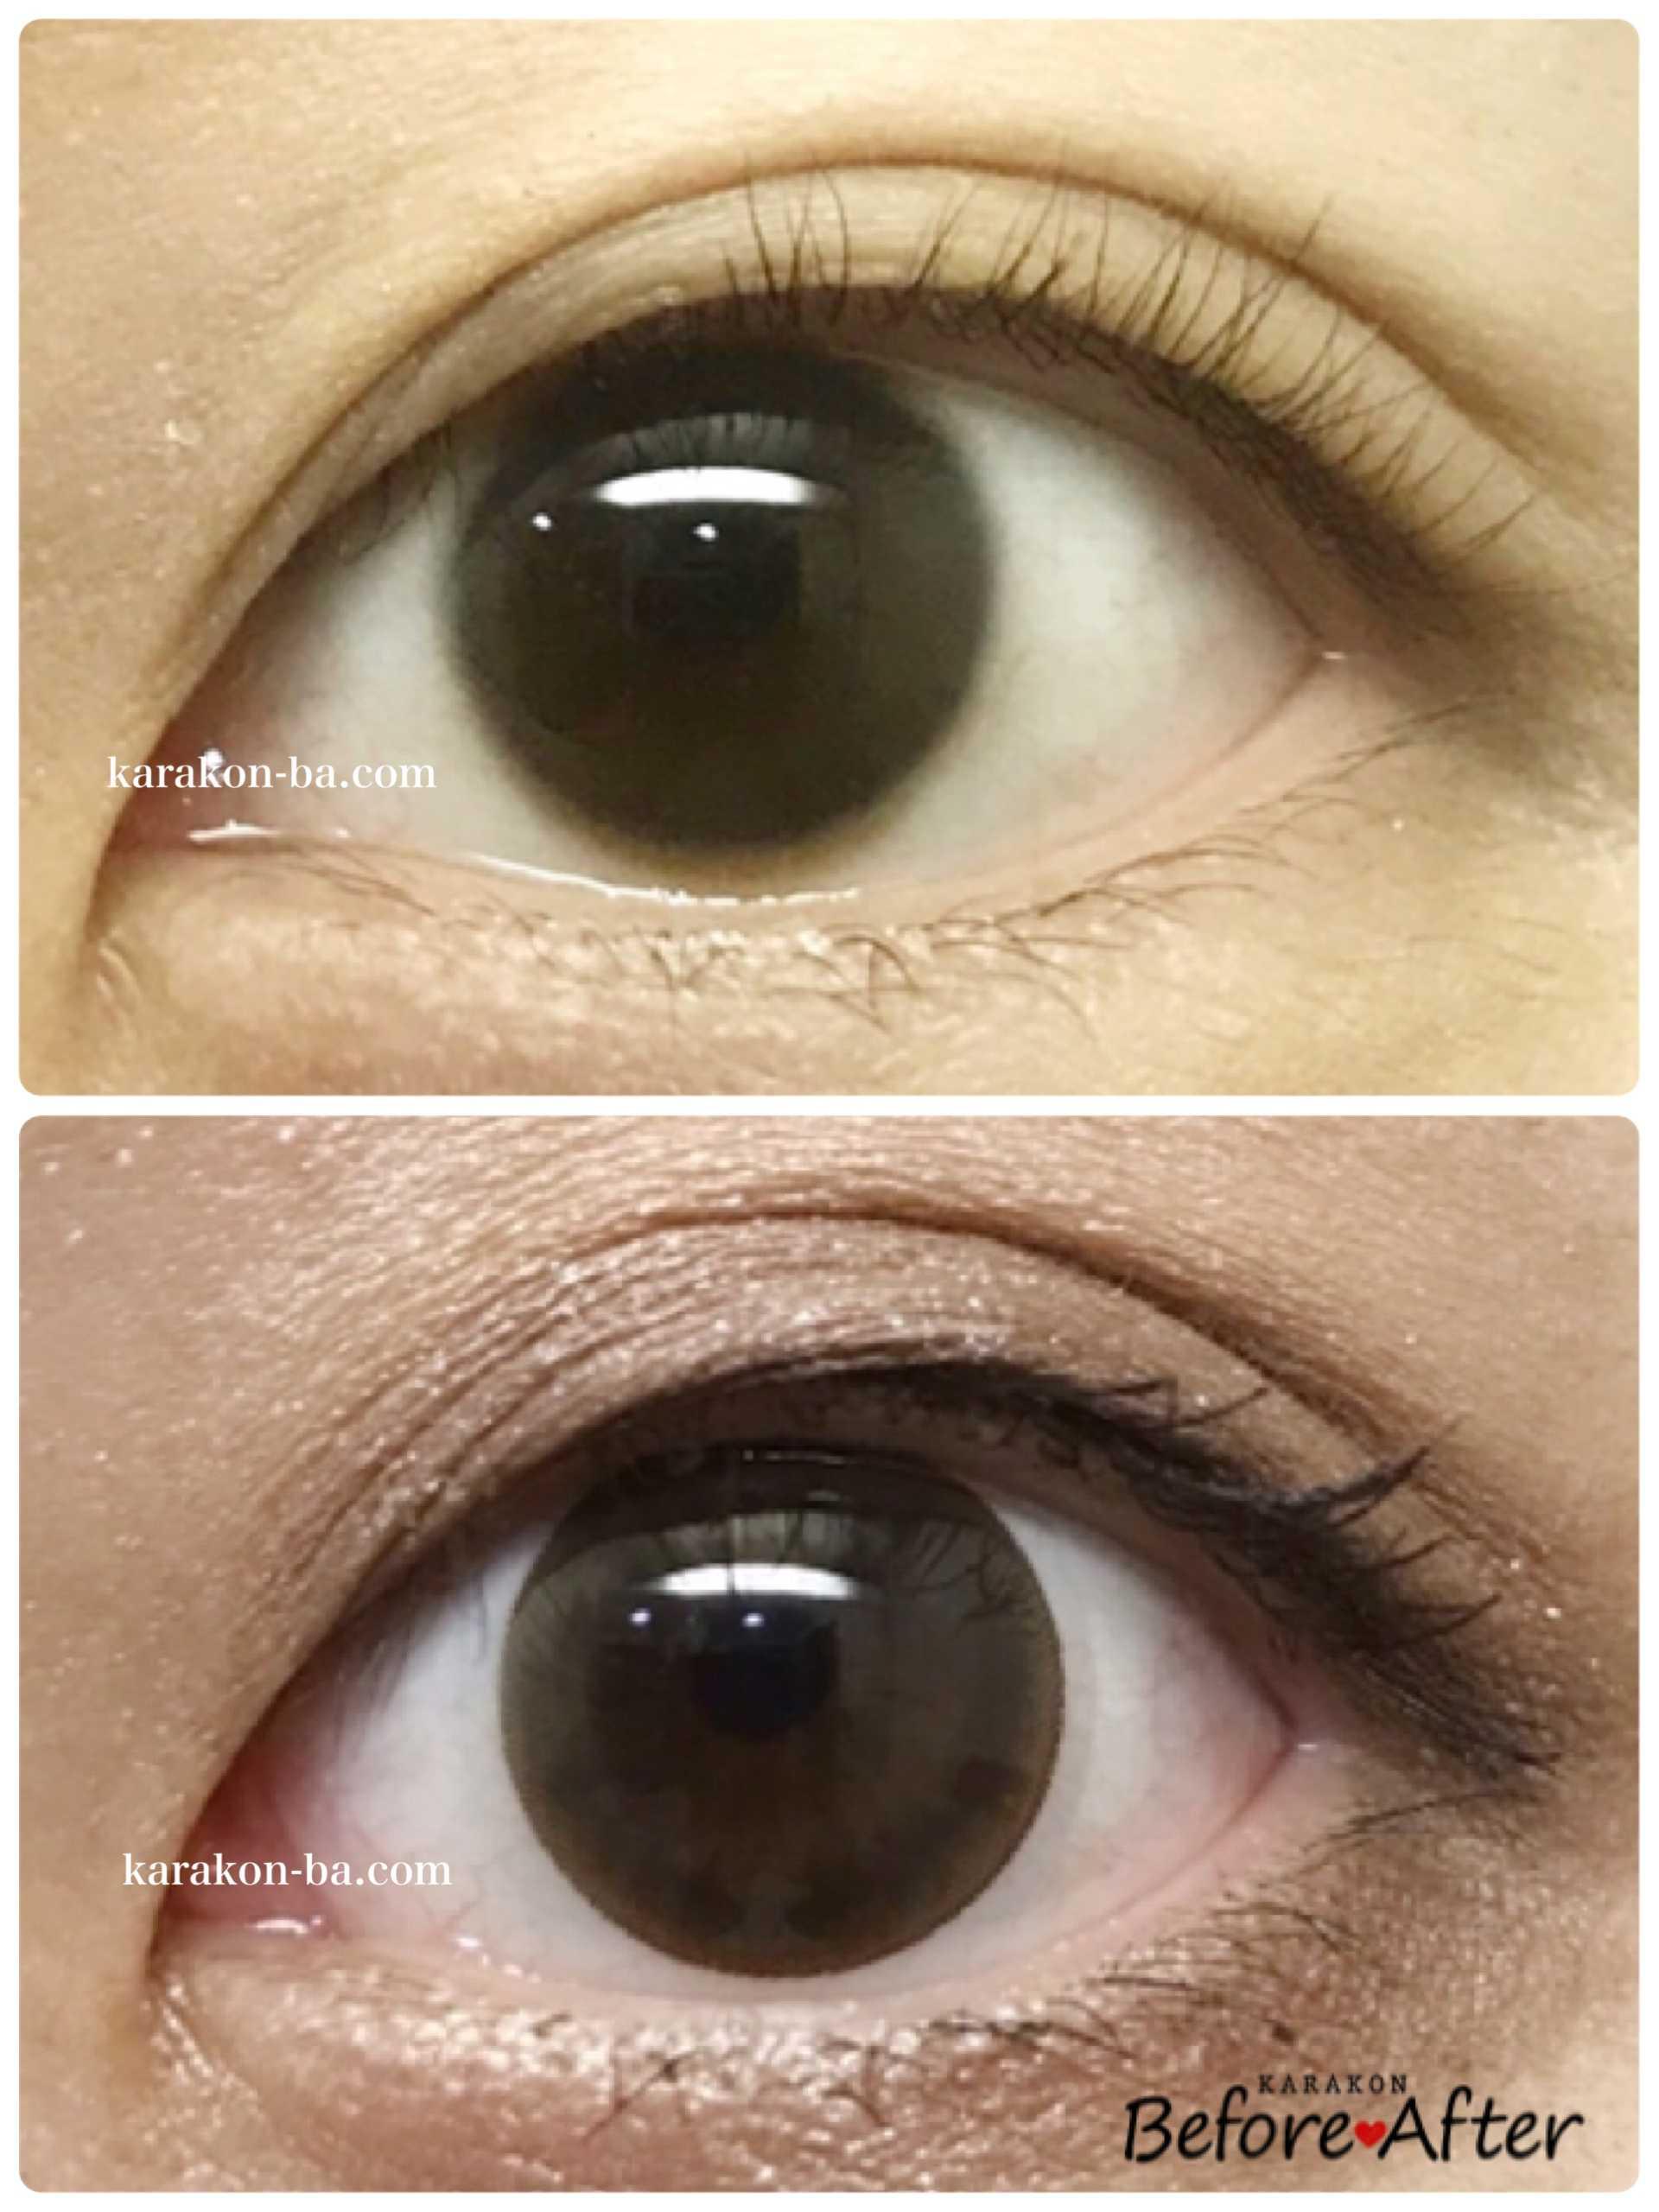 Wave Oneday Ring UV(ウェイブワンデーリング)ナチュラルベールのカラコン装着画像/裸眼と比較レポ